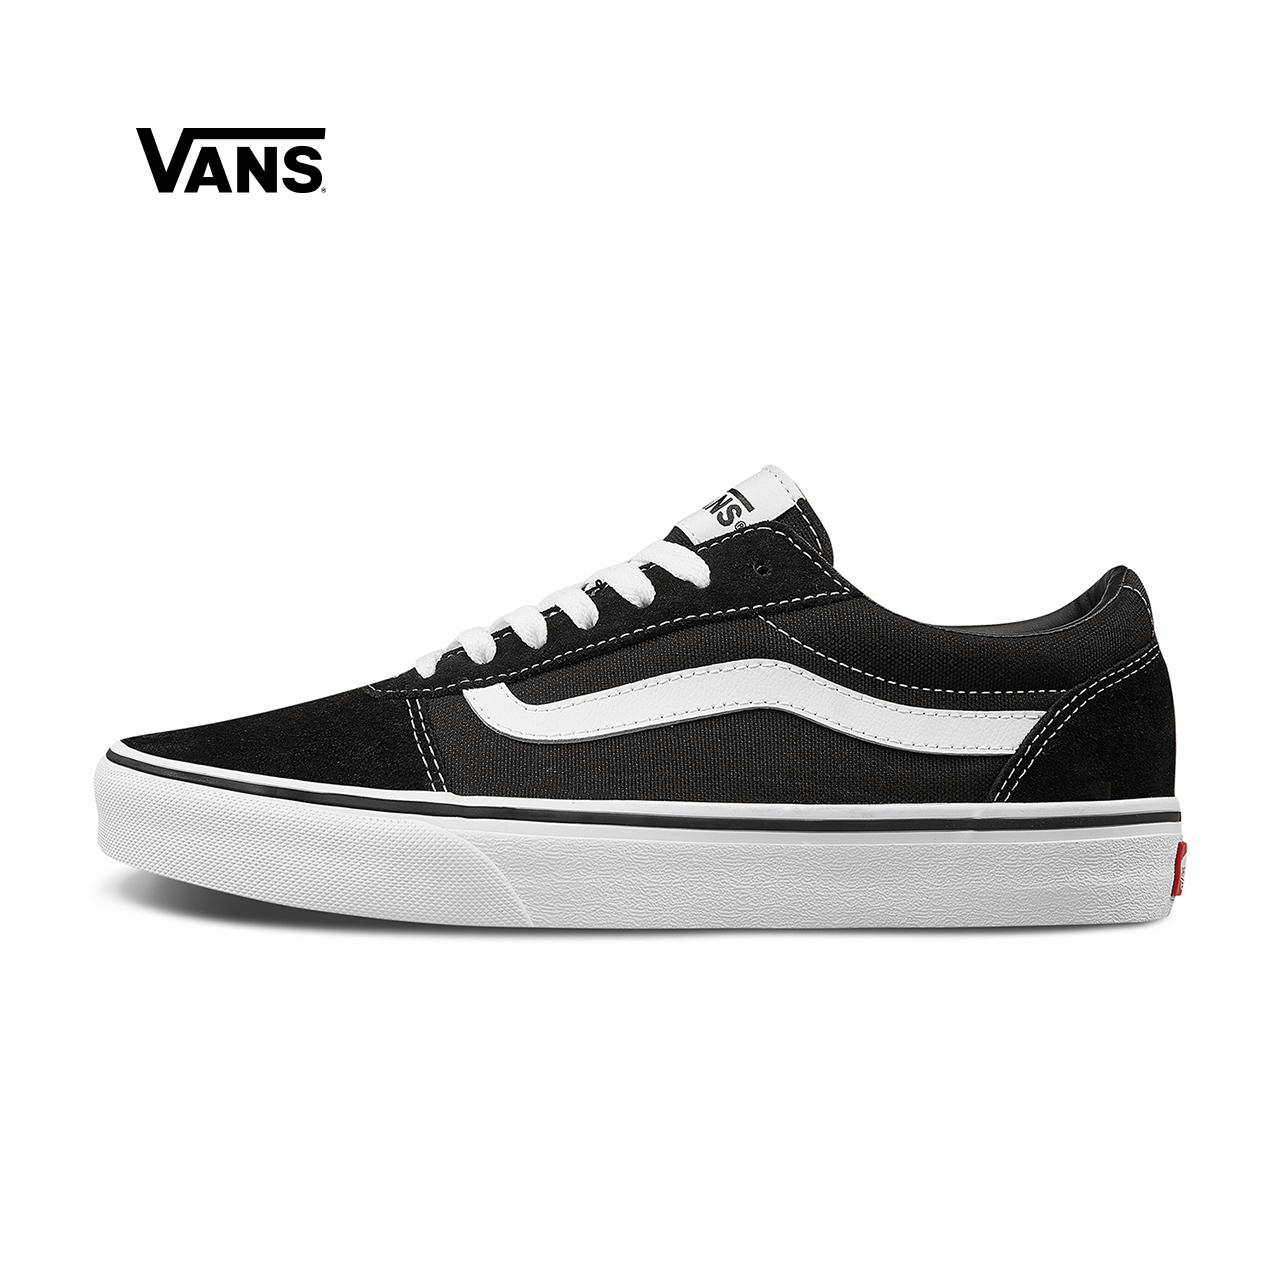 黑色运动鞋 Vans范斯官方 黑色侧边条纹男鞋Ward低帮经典板鞋运动鞋_推荐淘宝好看的黑色运动鞋